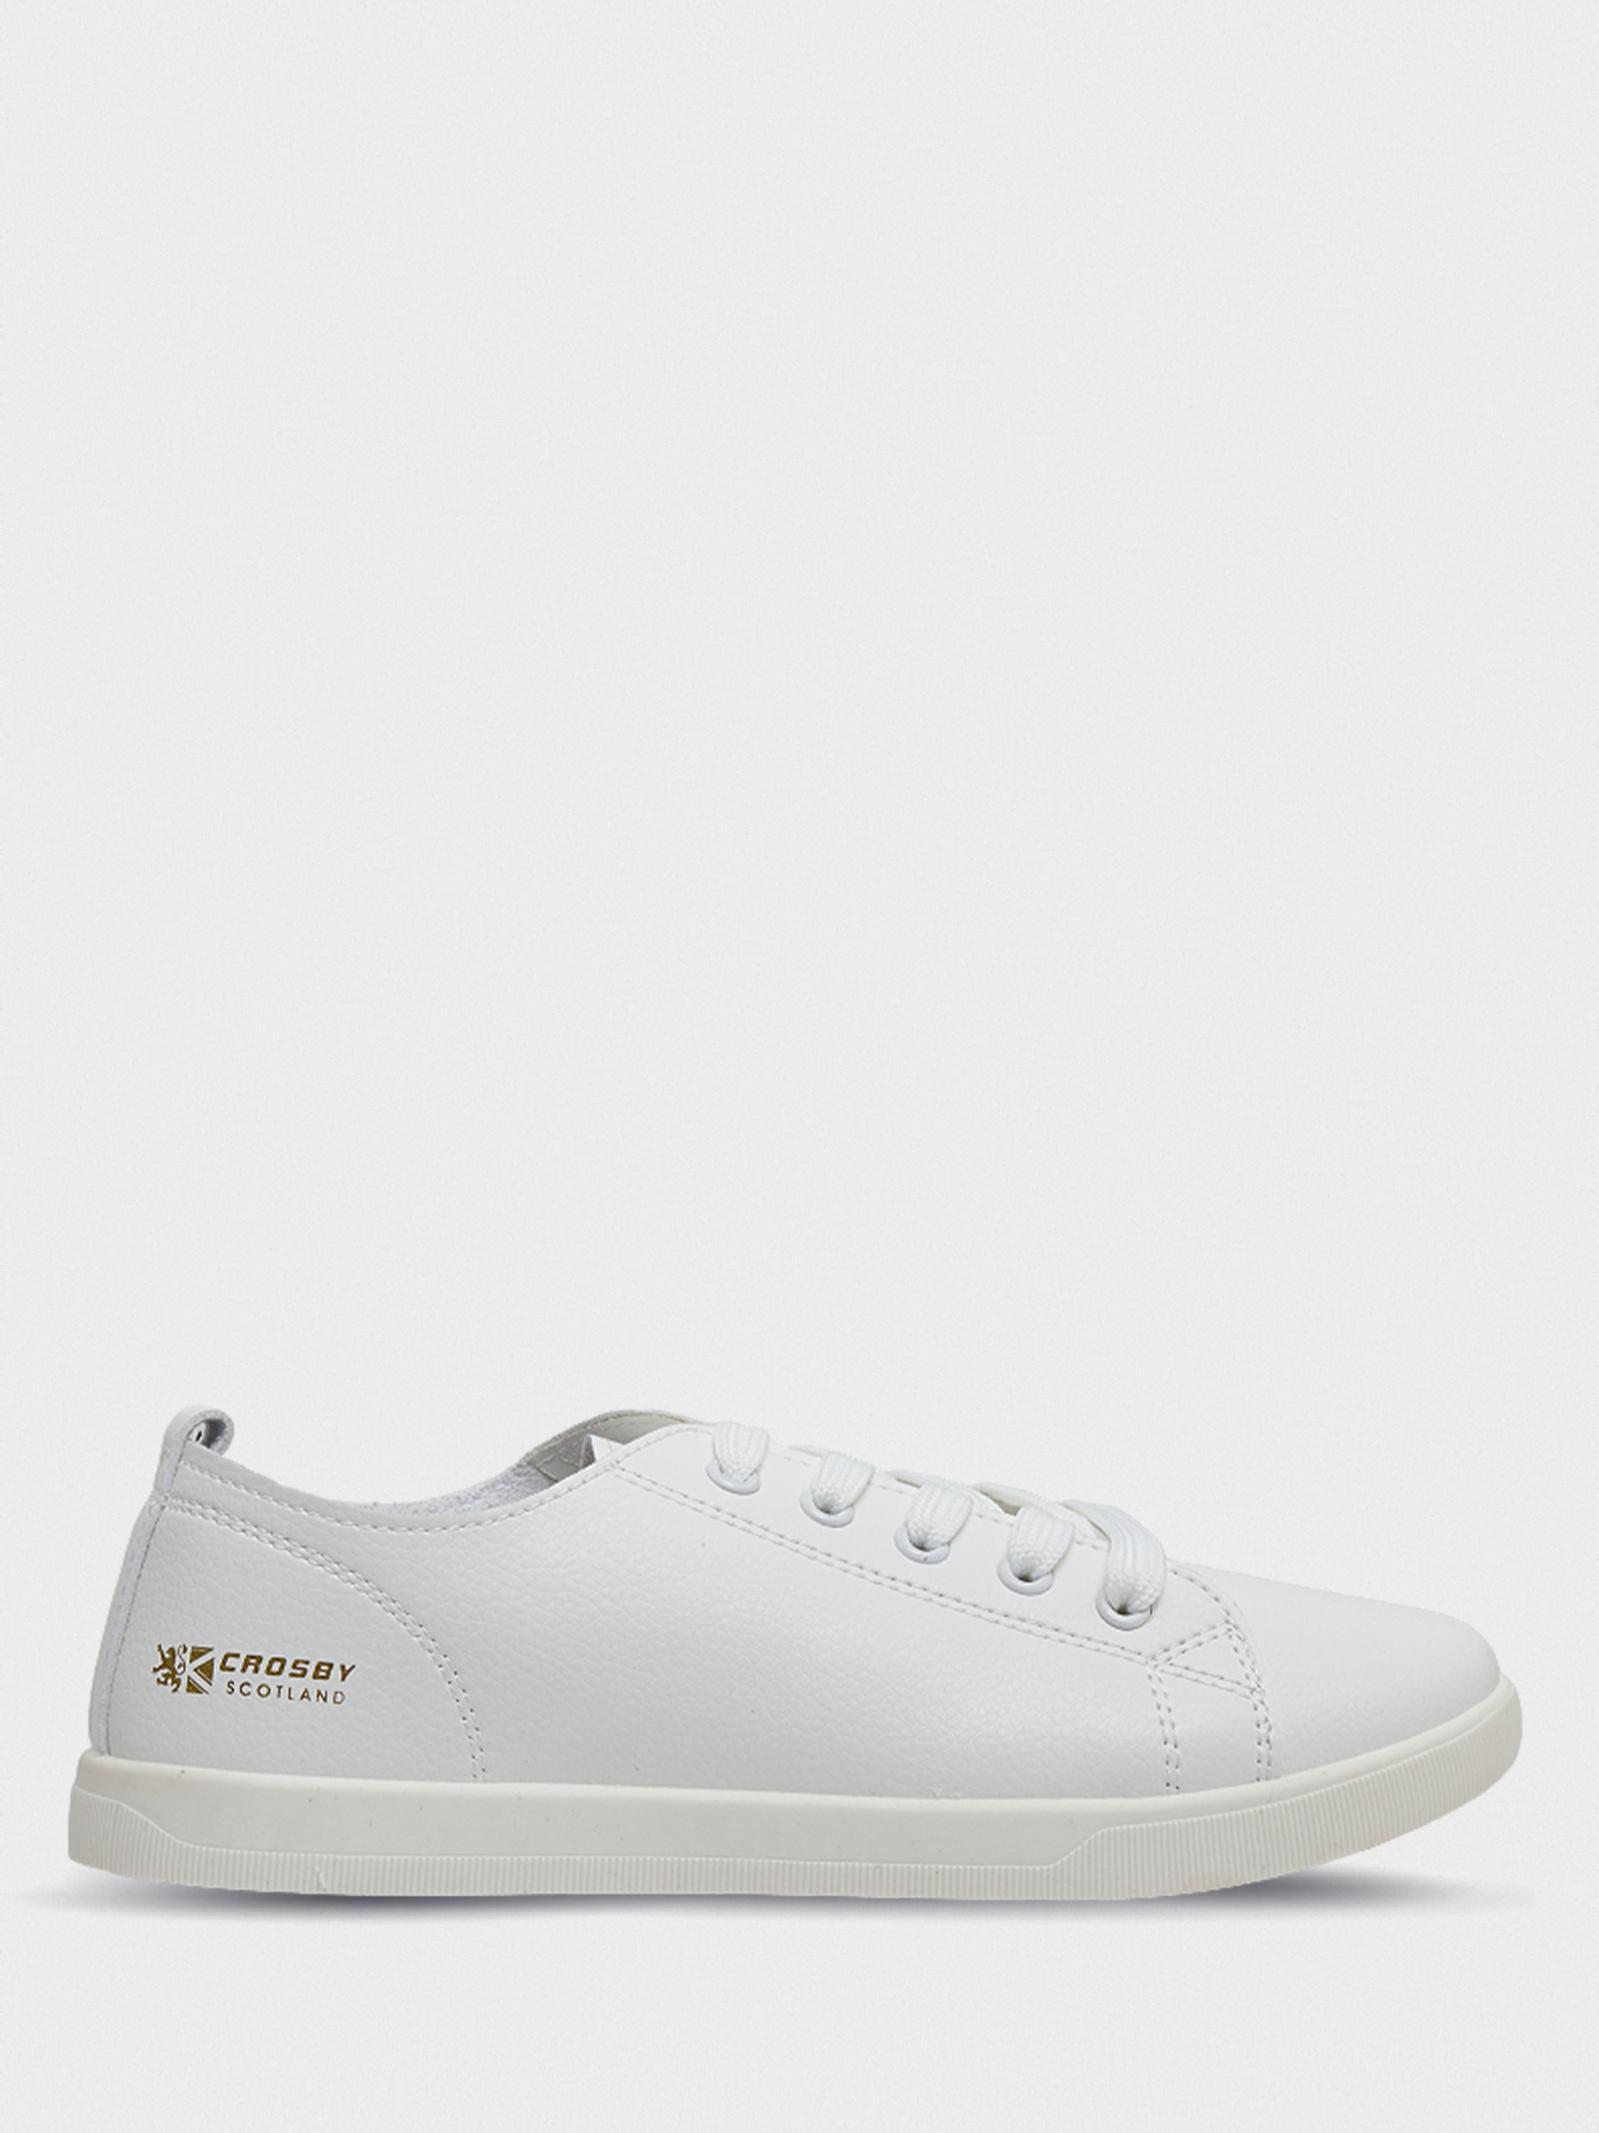 Кеди  для жінок Crosby 207052/01-01 розміри взуття, 2017